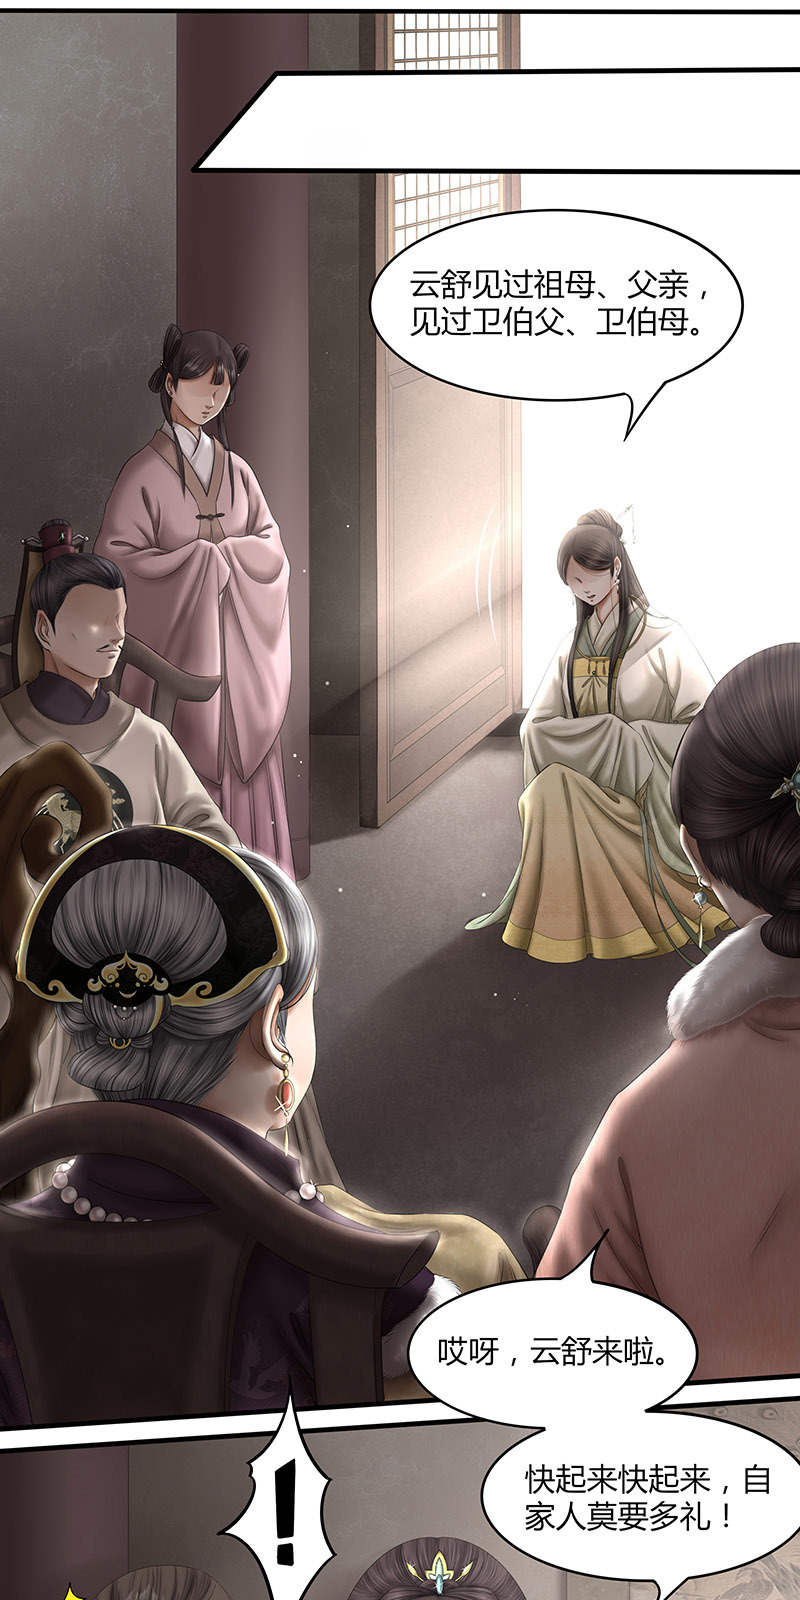 画骨女仵作第48话  娘子 第 8